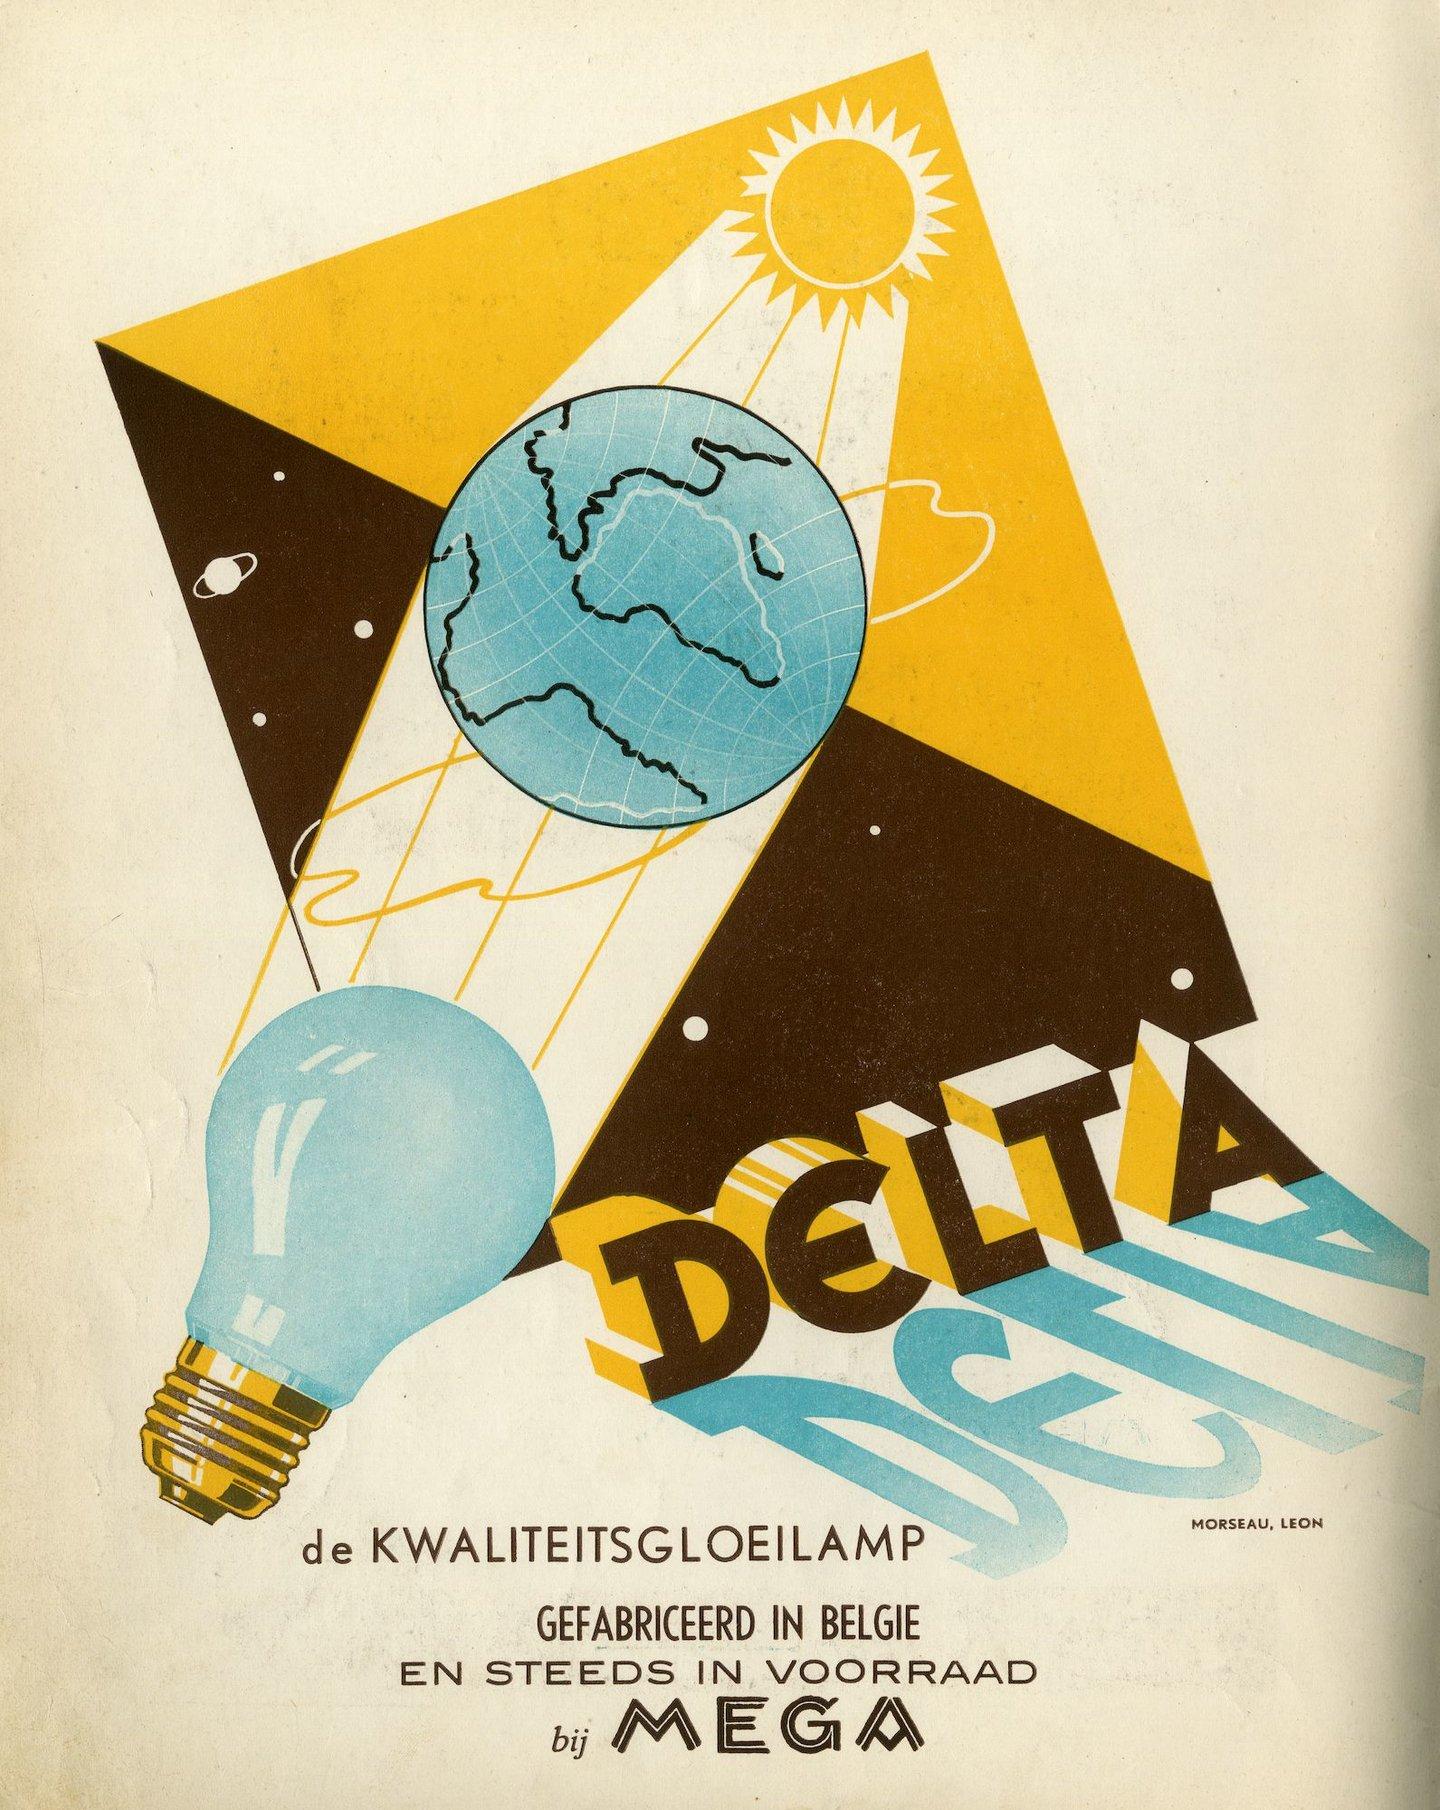 Reclame voor gloeilampen van het merk Delta